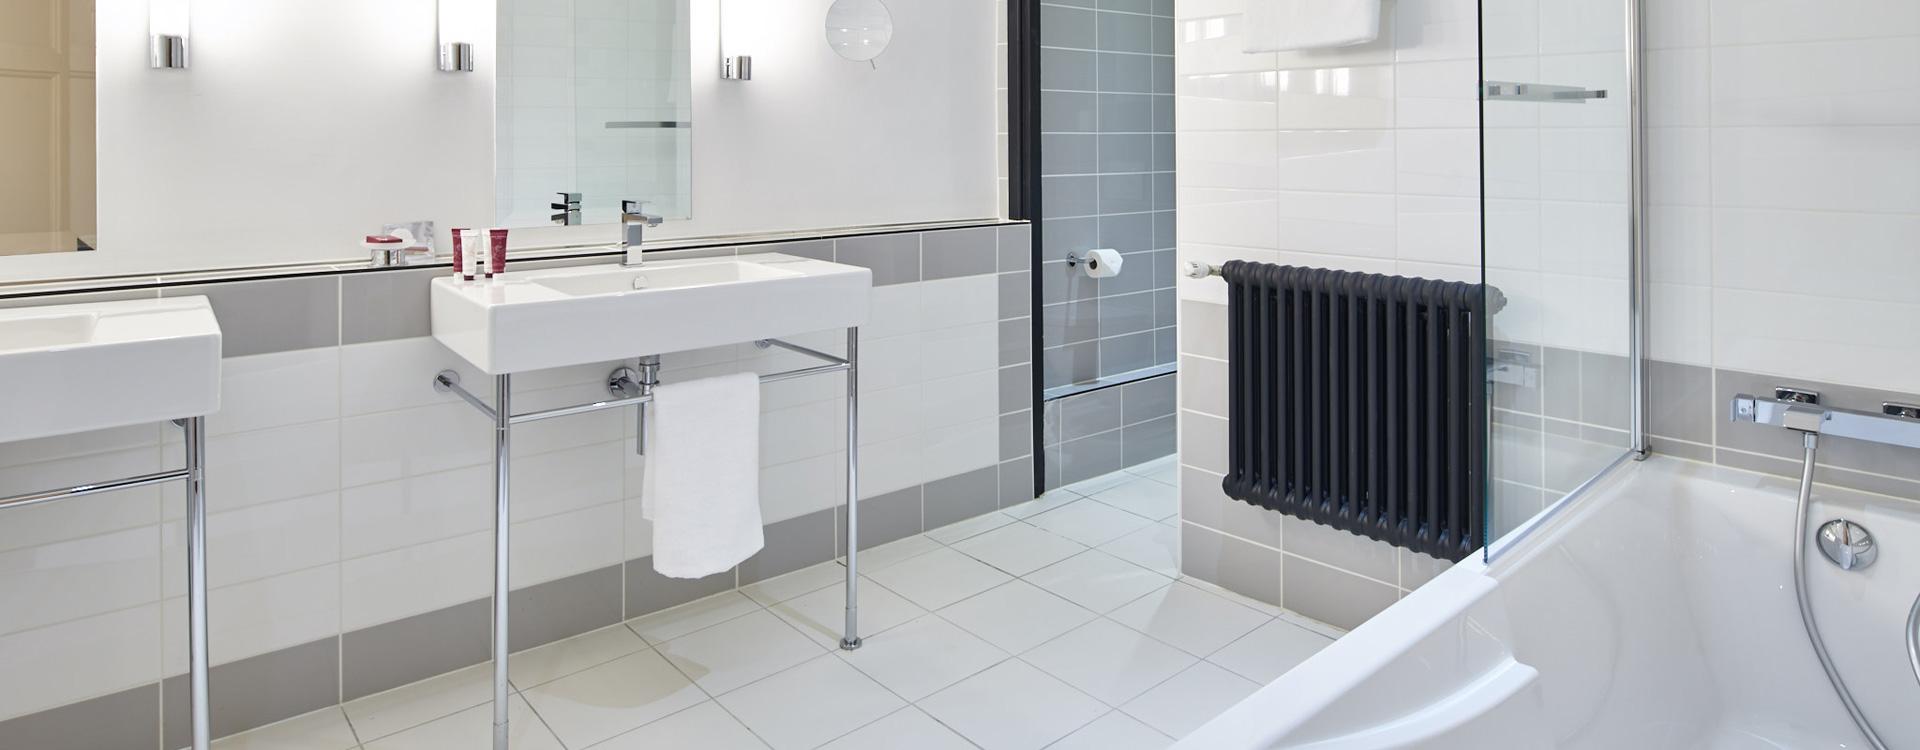 salle de bain de l'une des chambres de l'hôtel Le Splendid à Dax dans les Landes